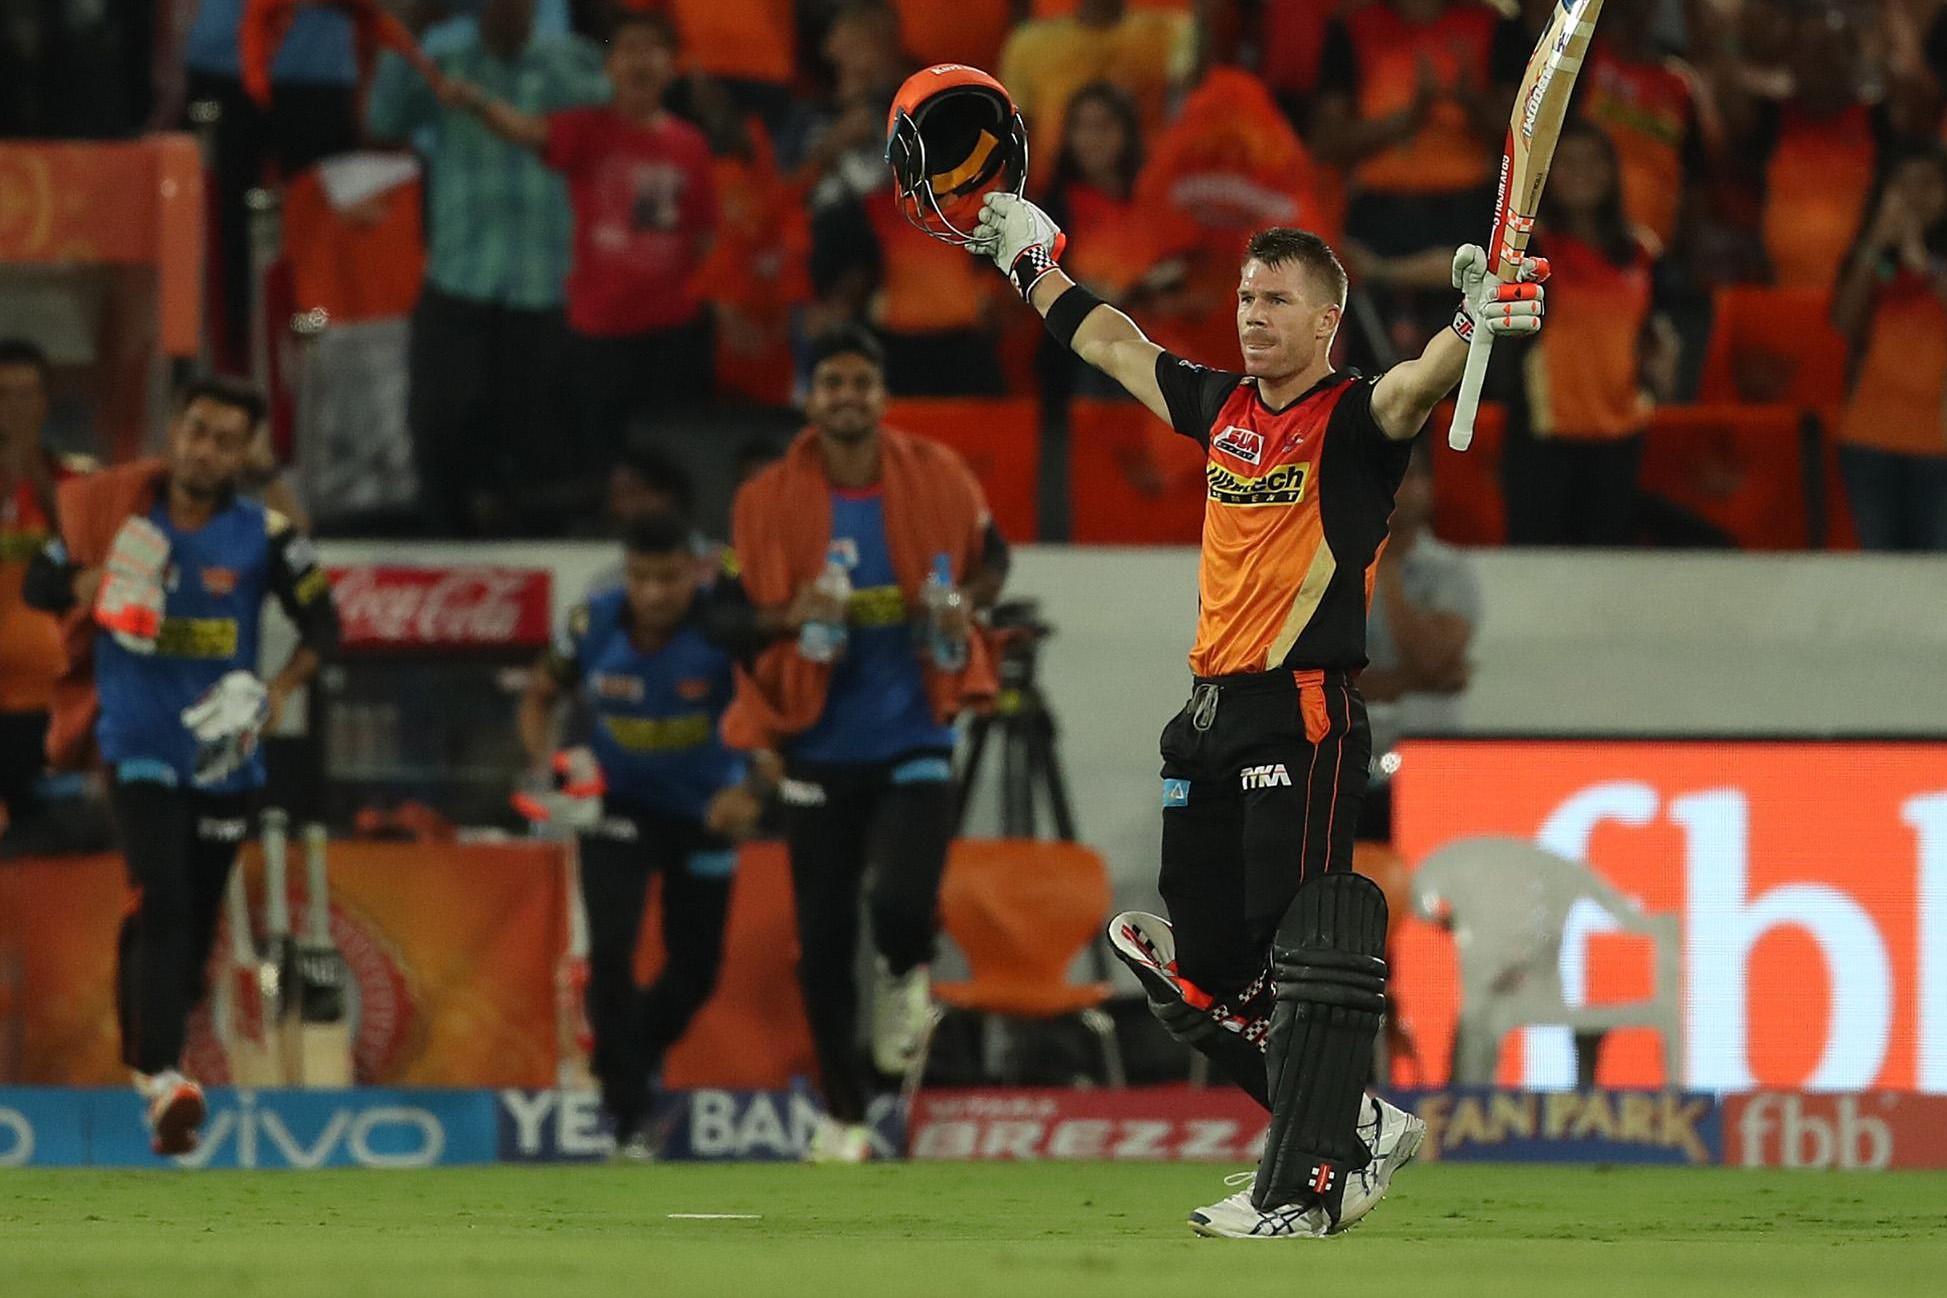 SRH vs KKR: सनराइजर्स हैदराबाद की जीत में डेविड वार्नर ने एक, दो, तीन, चार नहीं बल्कि पुरे 11 रिकॉर्ड बना डाले